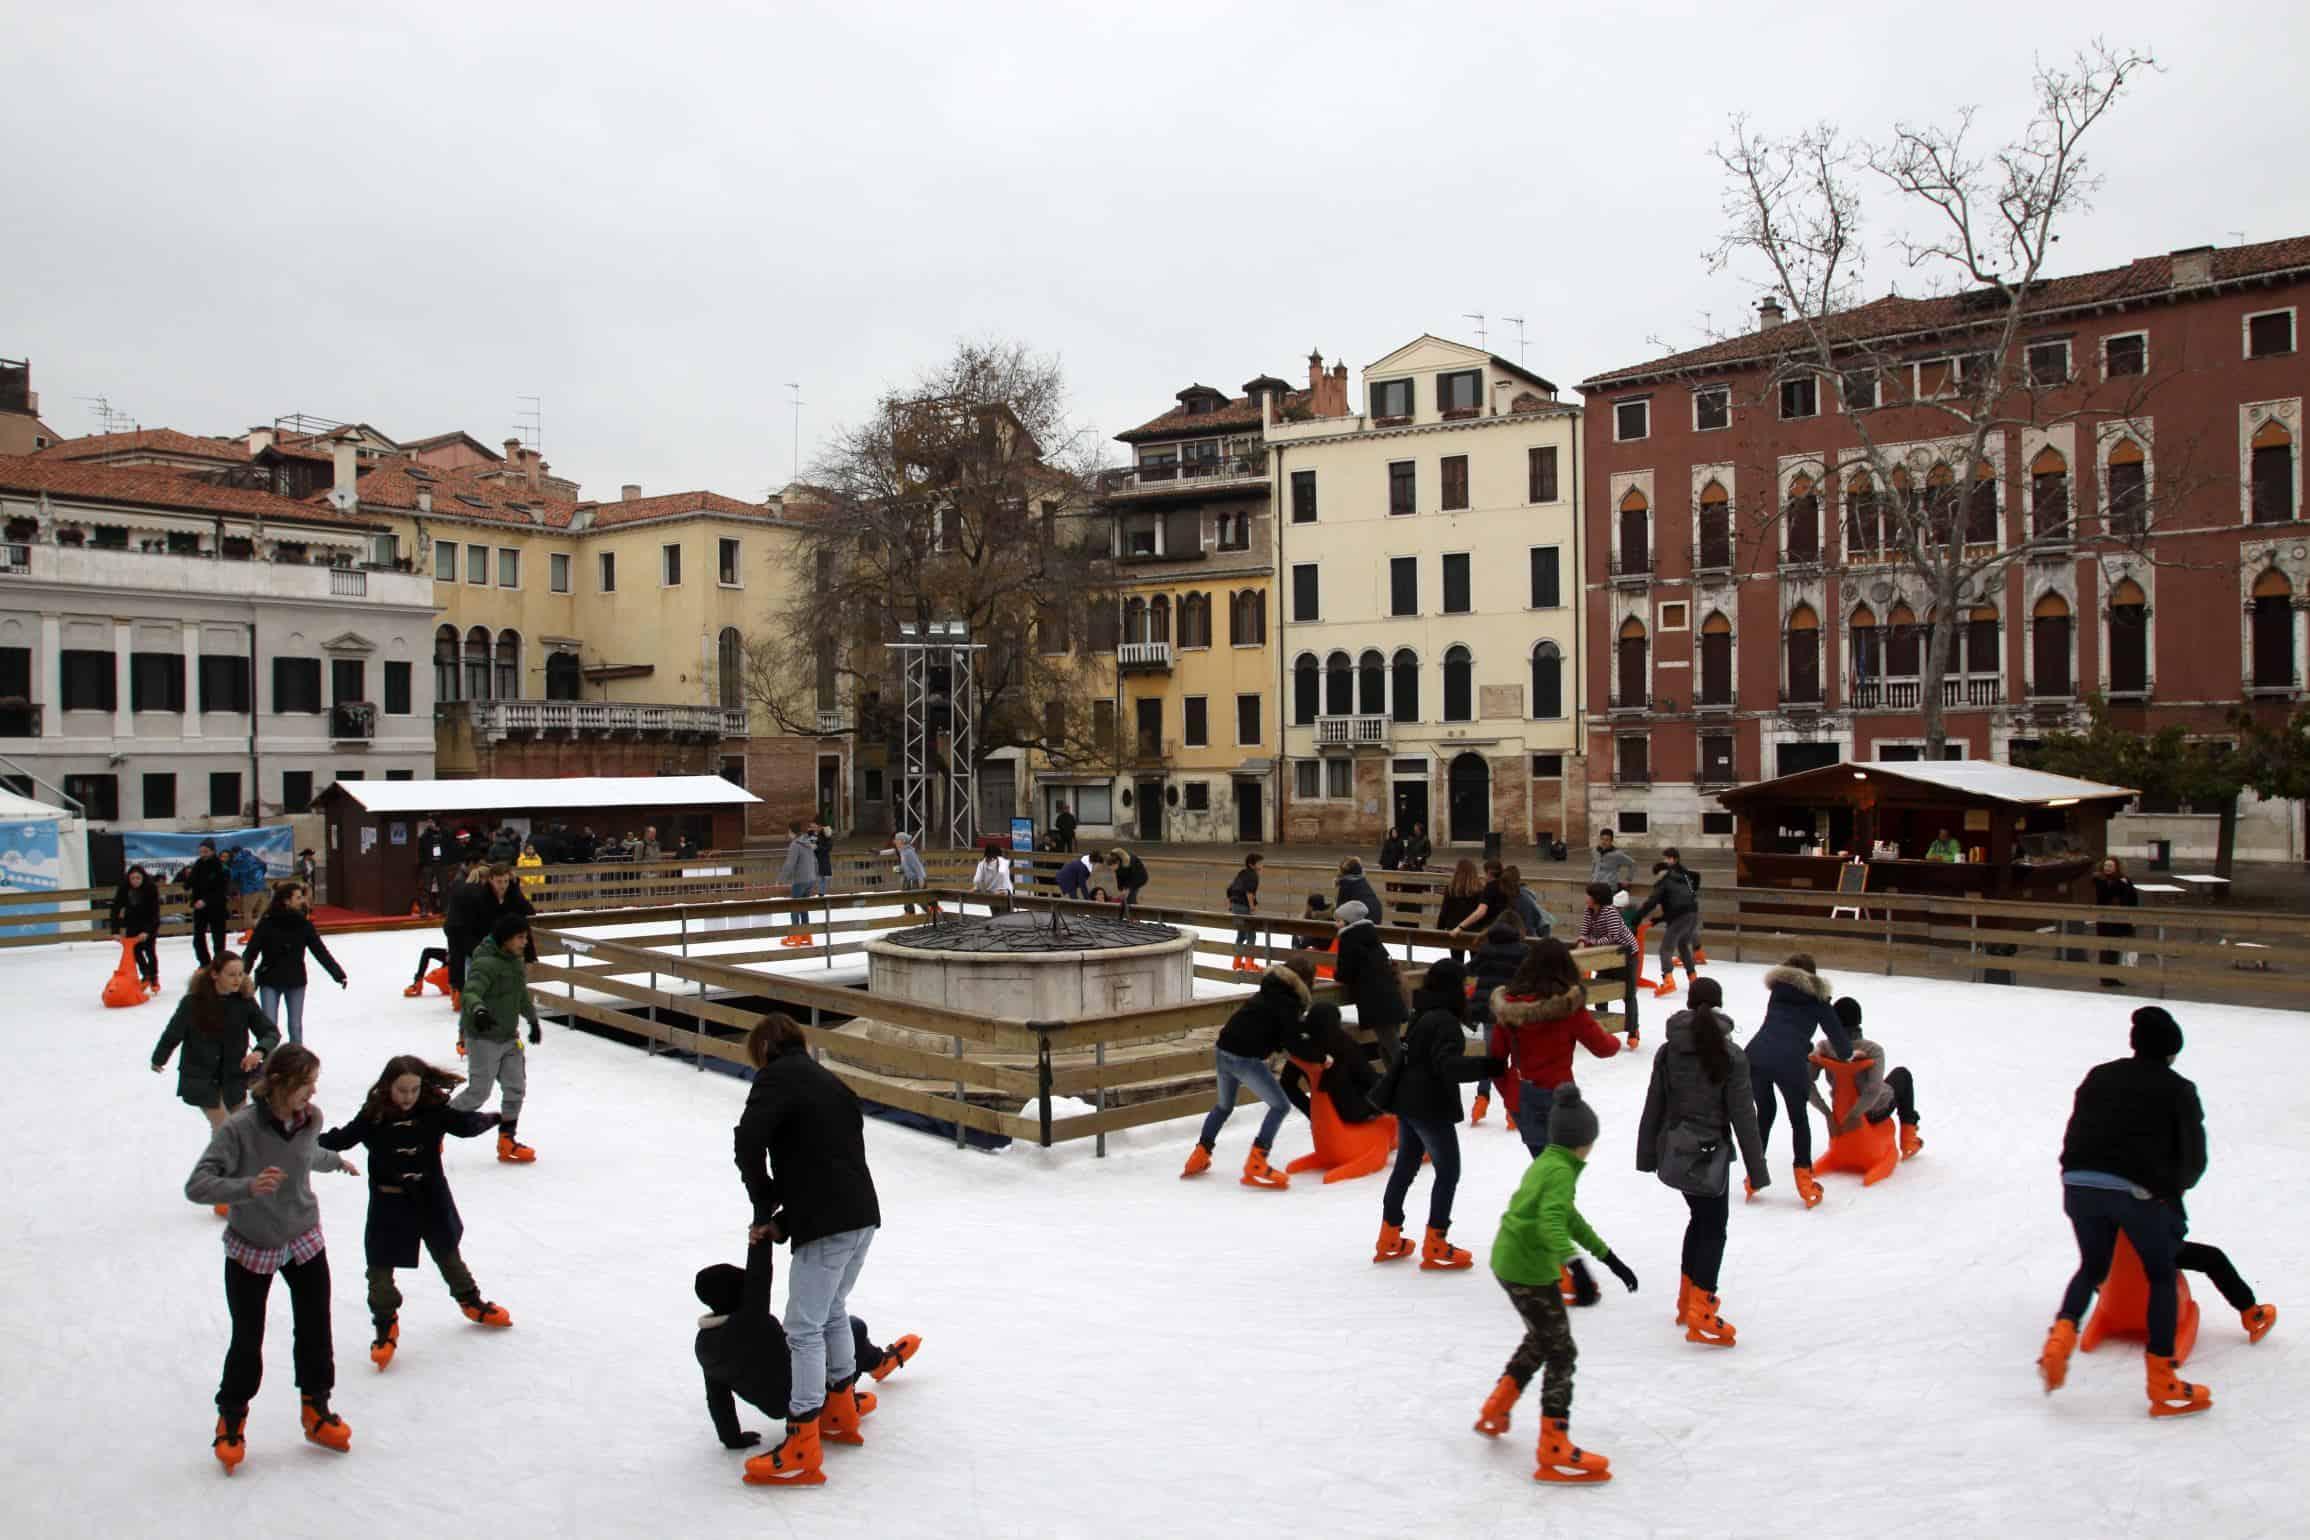 Pista di pattinaggio sul ghiaccio a Venezia in Campo San Polo